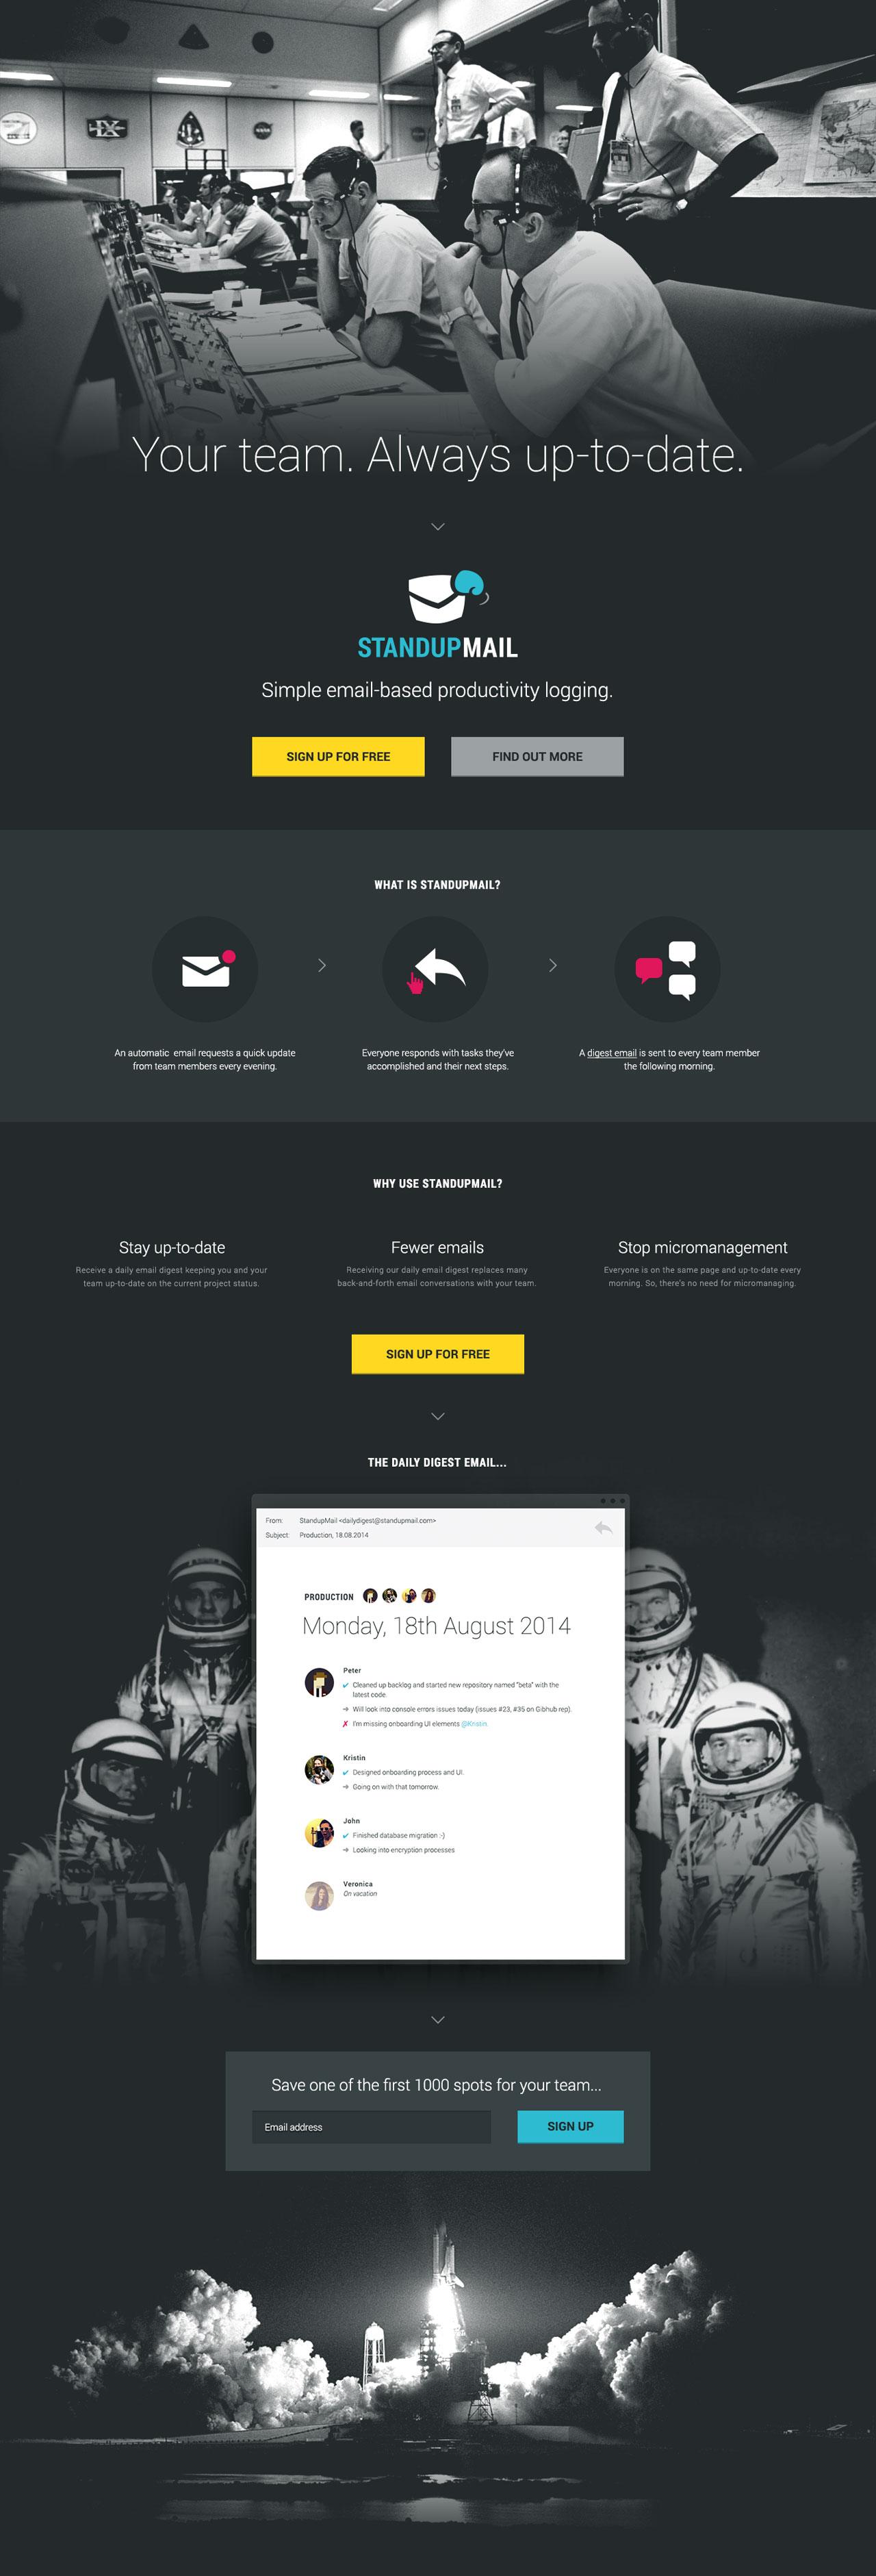 StandupMail Website Screenshot